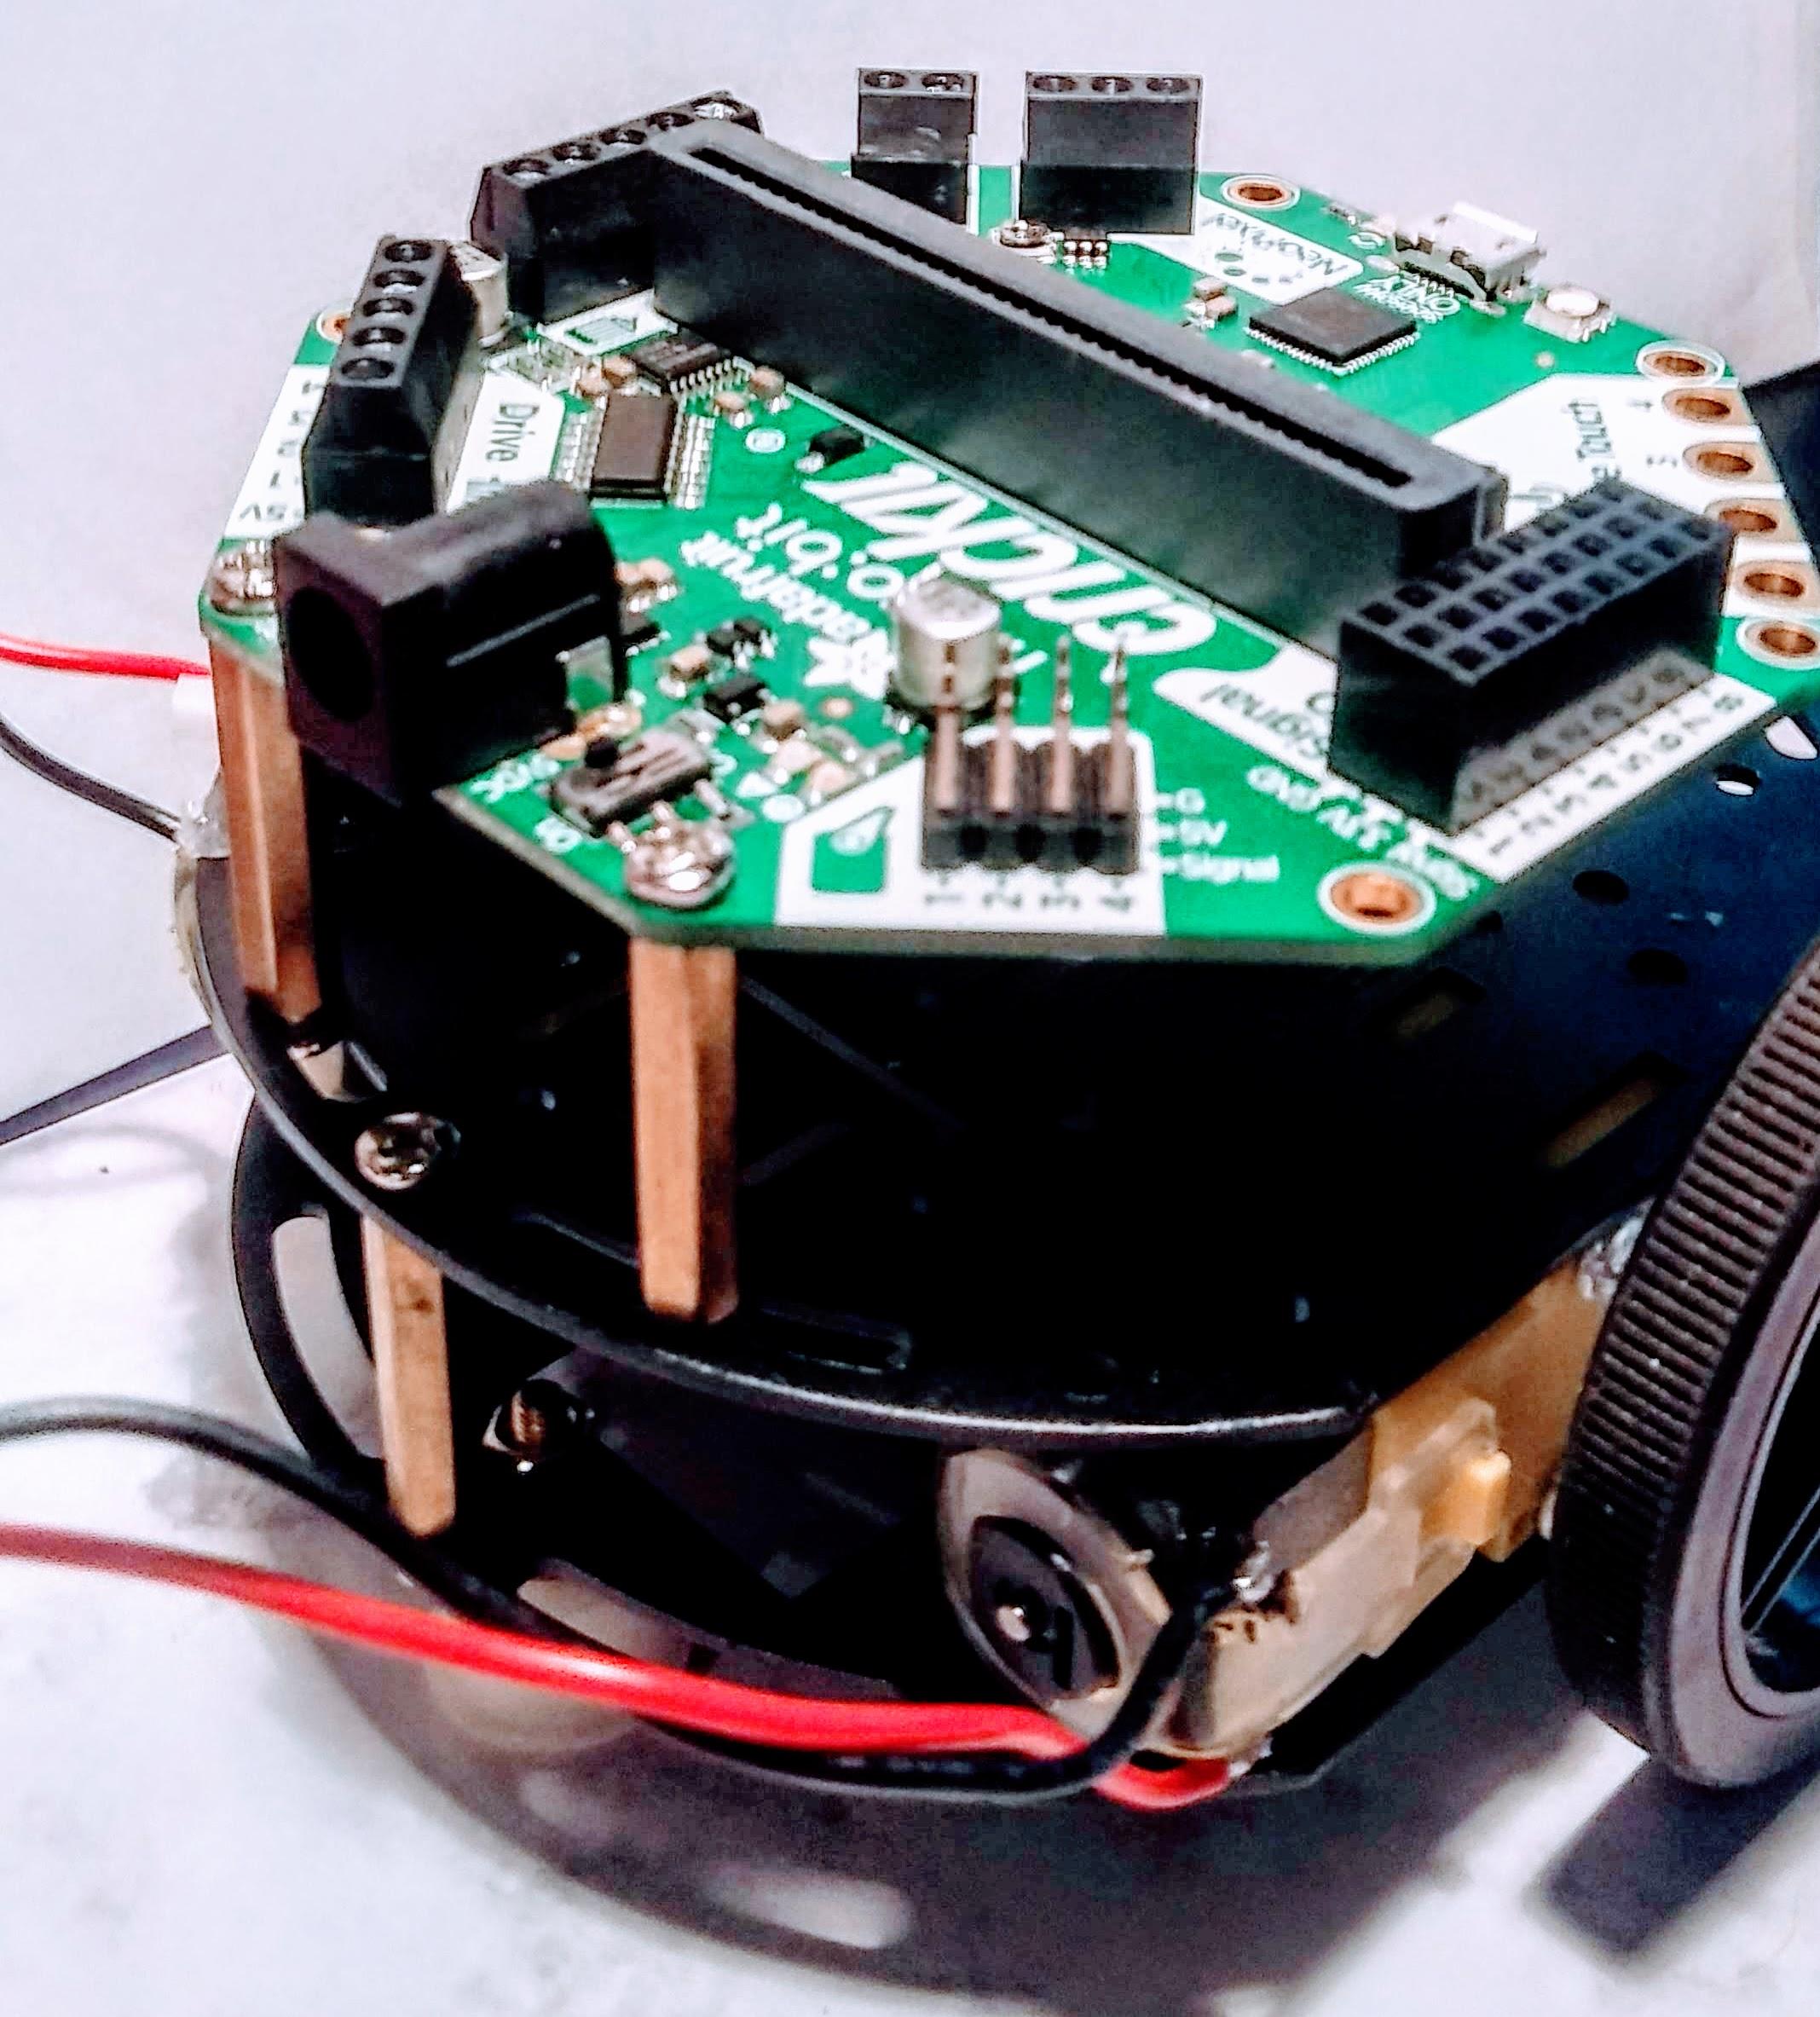 robotics___cnc_20190924_134108_HDR.jpg